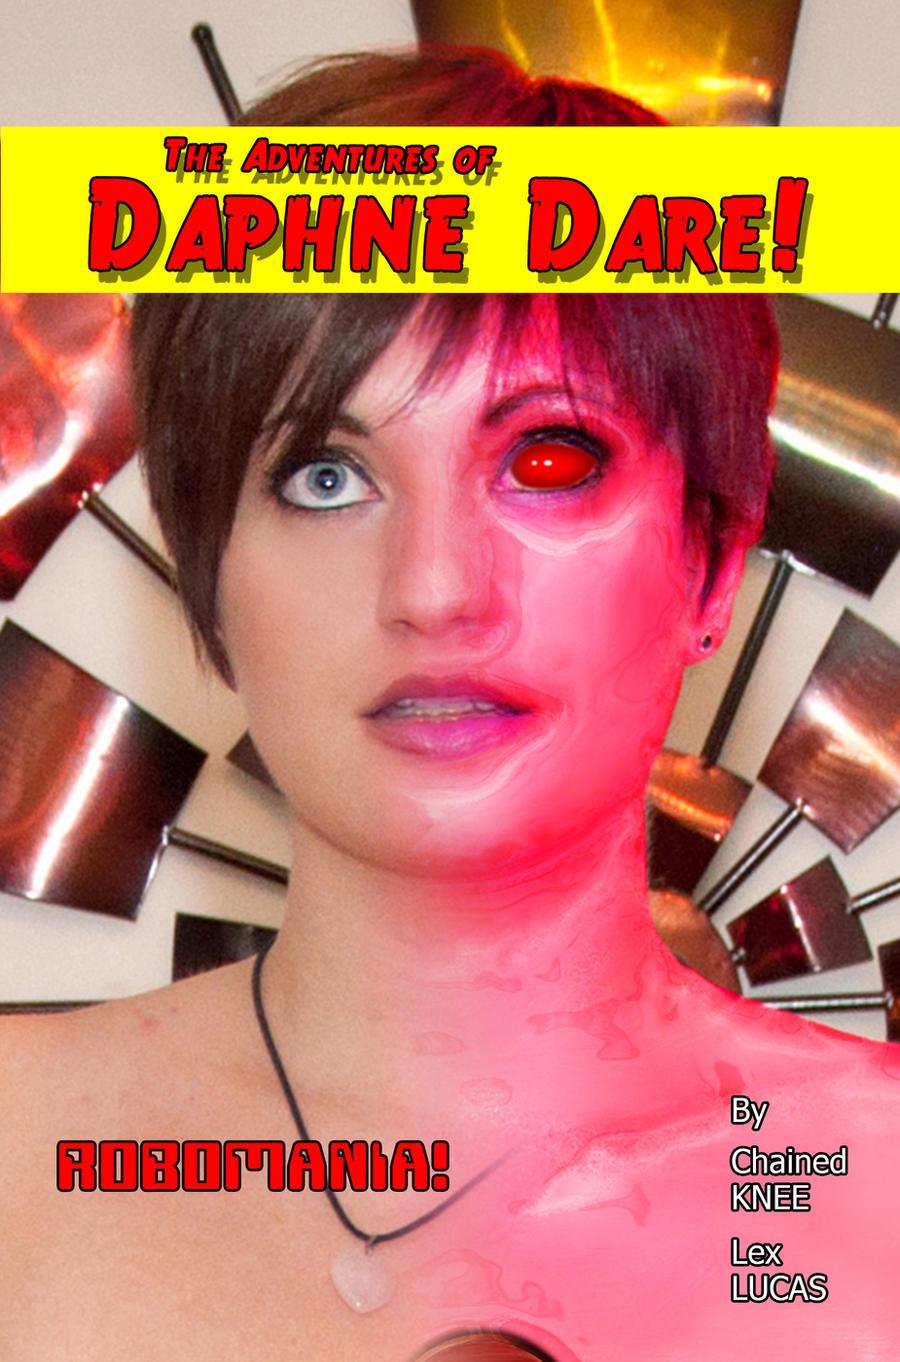 Nancy Dare